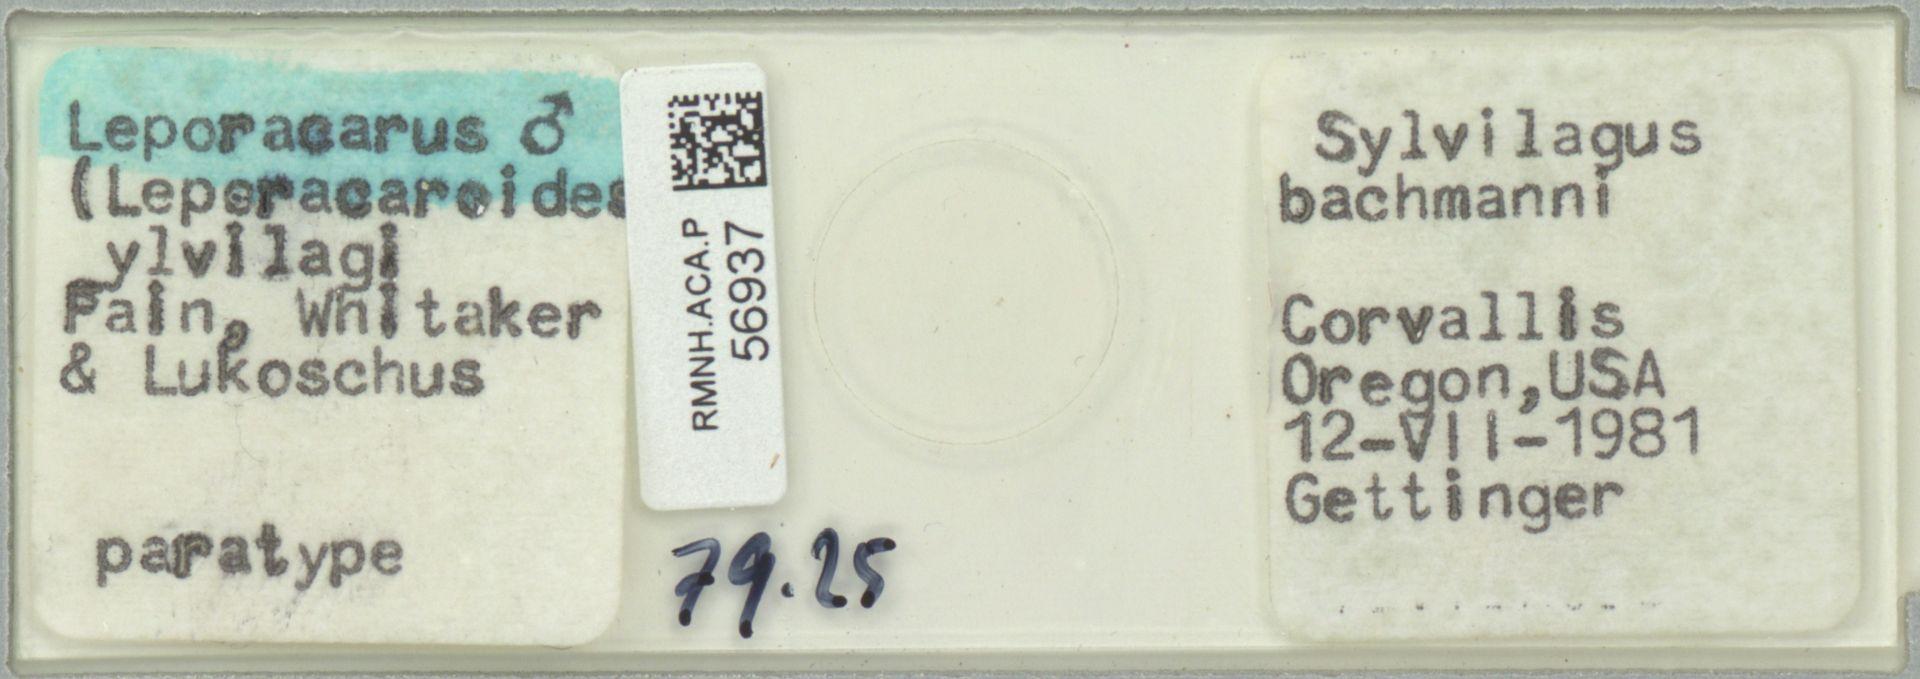 RMNH.ACA.P.56937 | Leporacarus (Leperacaroides) ylvilagi Fain, Whitaker & Lukoschus